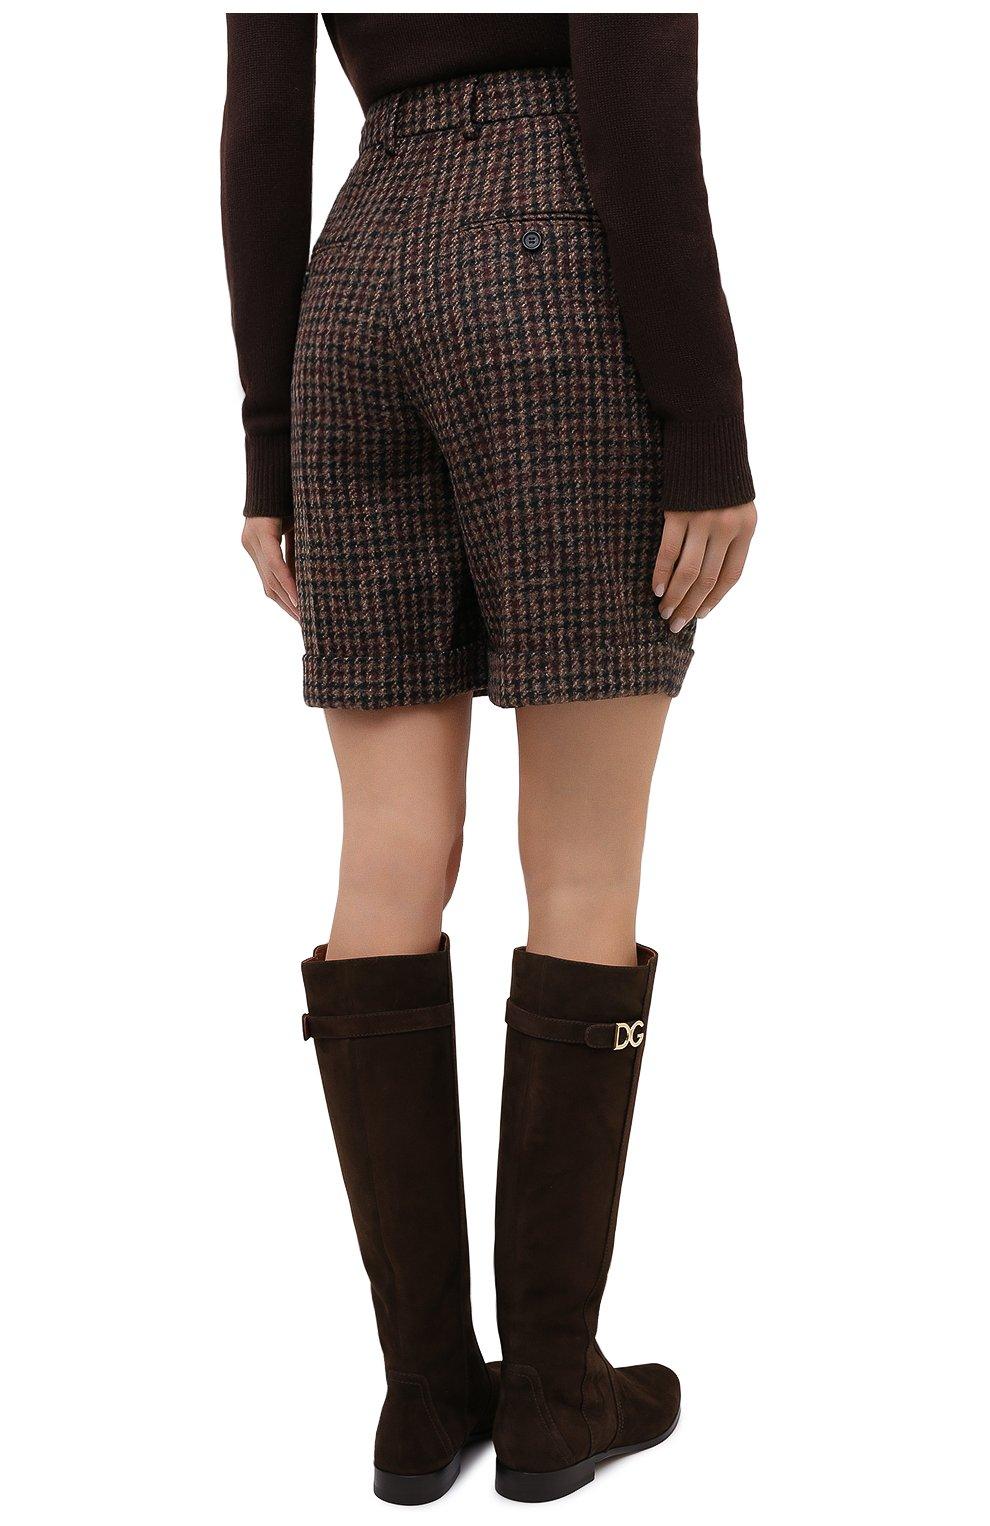 Женские шерстяные шорты DOLCE & GABBANA коричневого цвета, арт. FTBX0T/FQMH3 | Фото 5 (Женское Кросс-КТ: Шорты-одежда; Материал внешний: Шерсть; Длина Ж (юбки, платья, шорты): Мини)